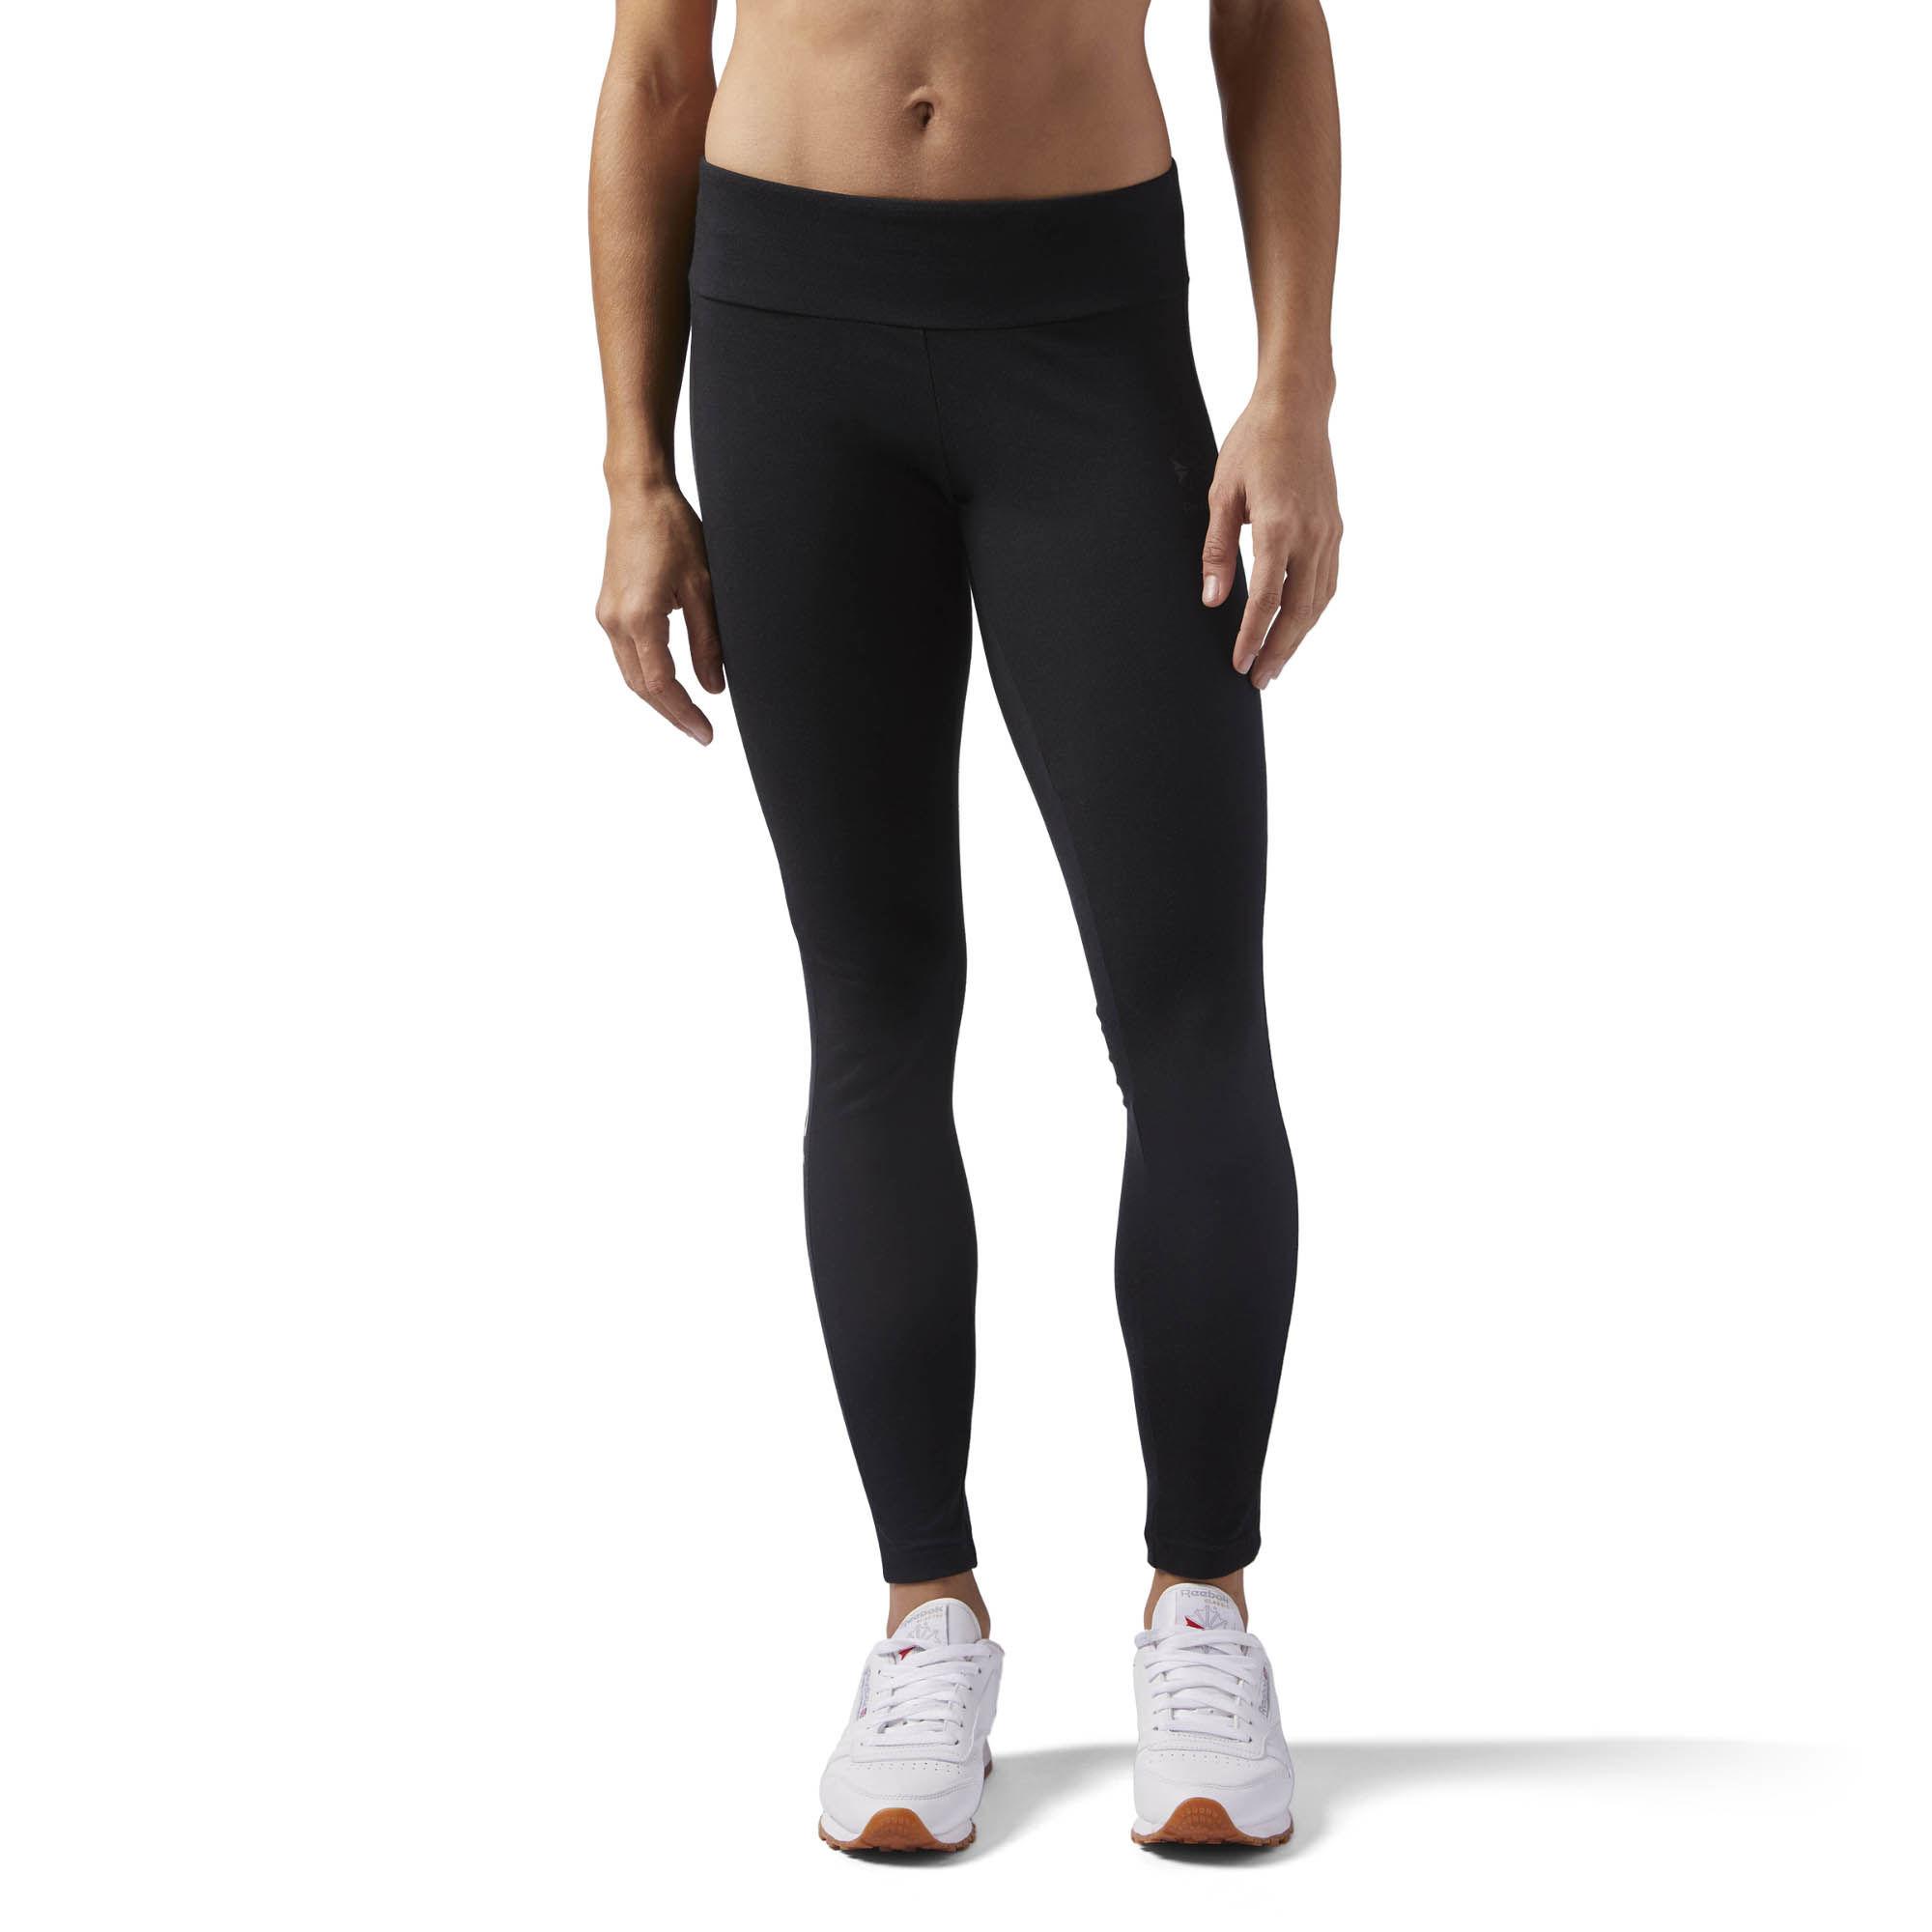 Леггинсы женские Reebok F Logo Legging, цвет: черный. CD8233. Размер S (42/44)CD8233Леггинсы от Reebok выполнены из эластичного хлопка. Модель облегающего кроя с эластичным поясом на талии.